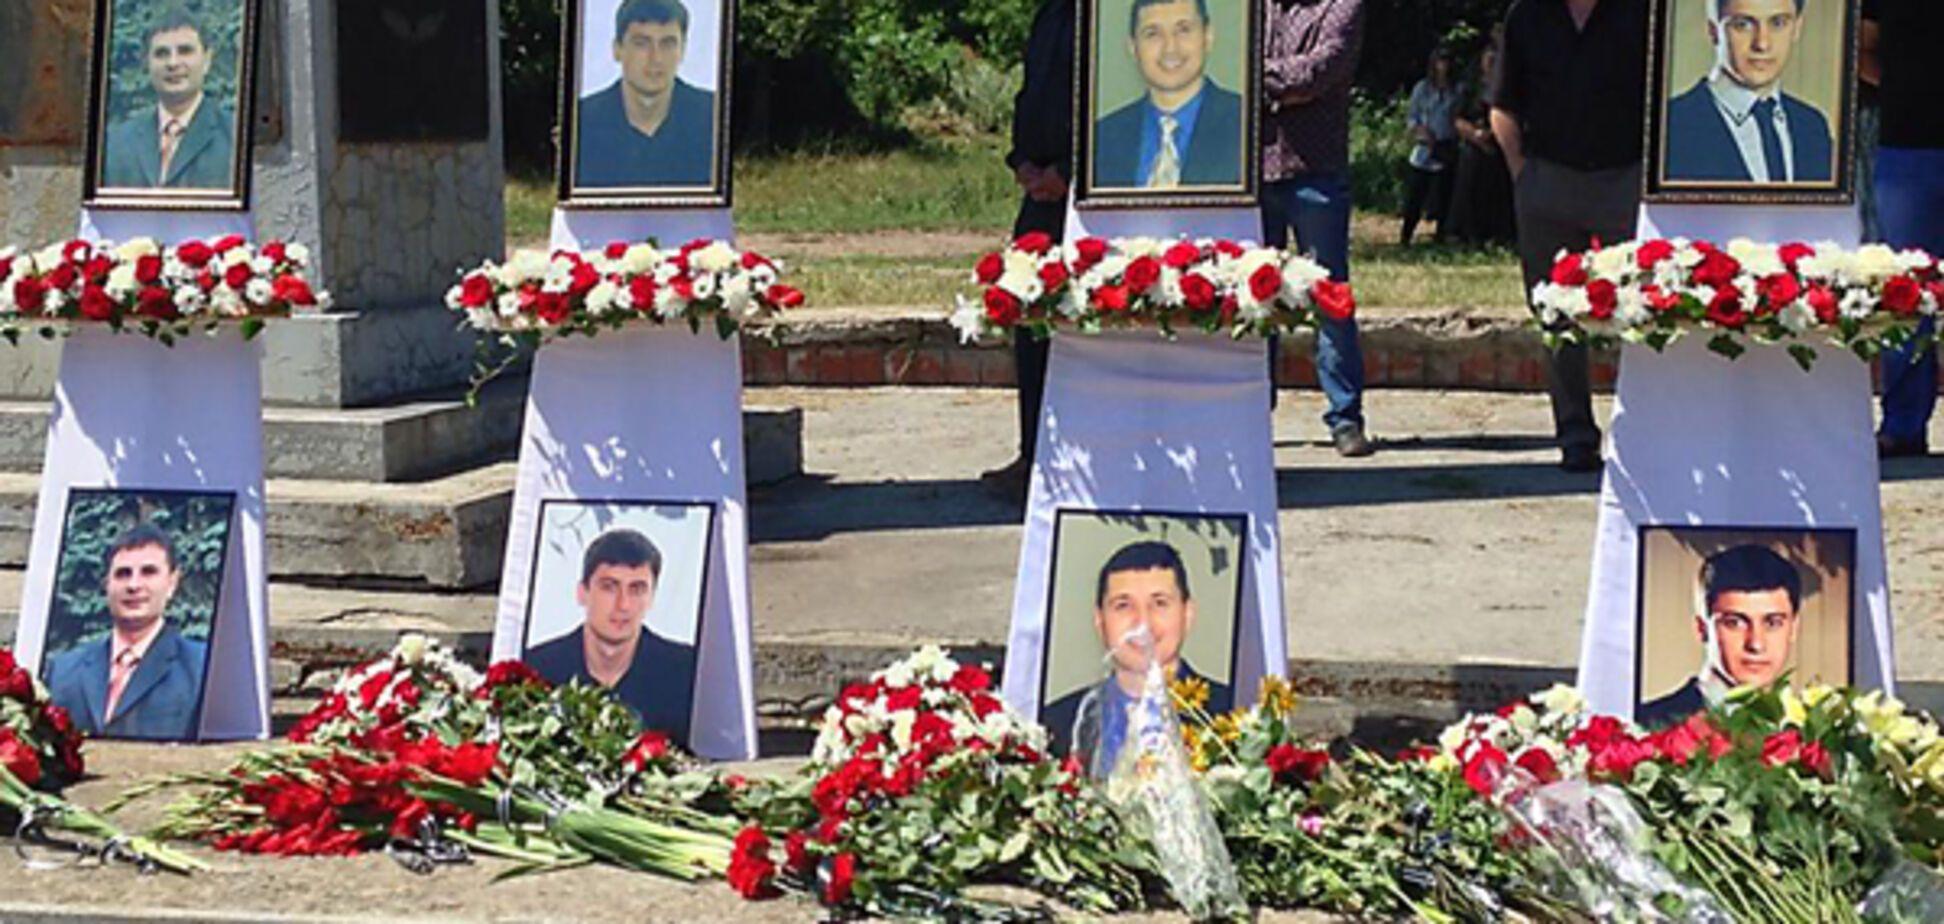 Увага розшук! Поліція встановила терористів 'ДНР', які жорстоко вбили служителів церкви